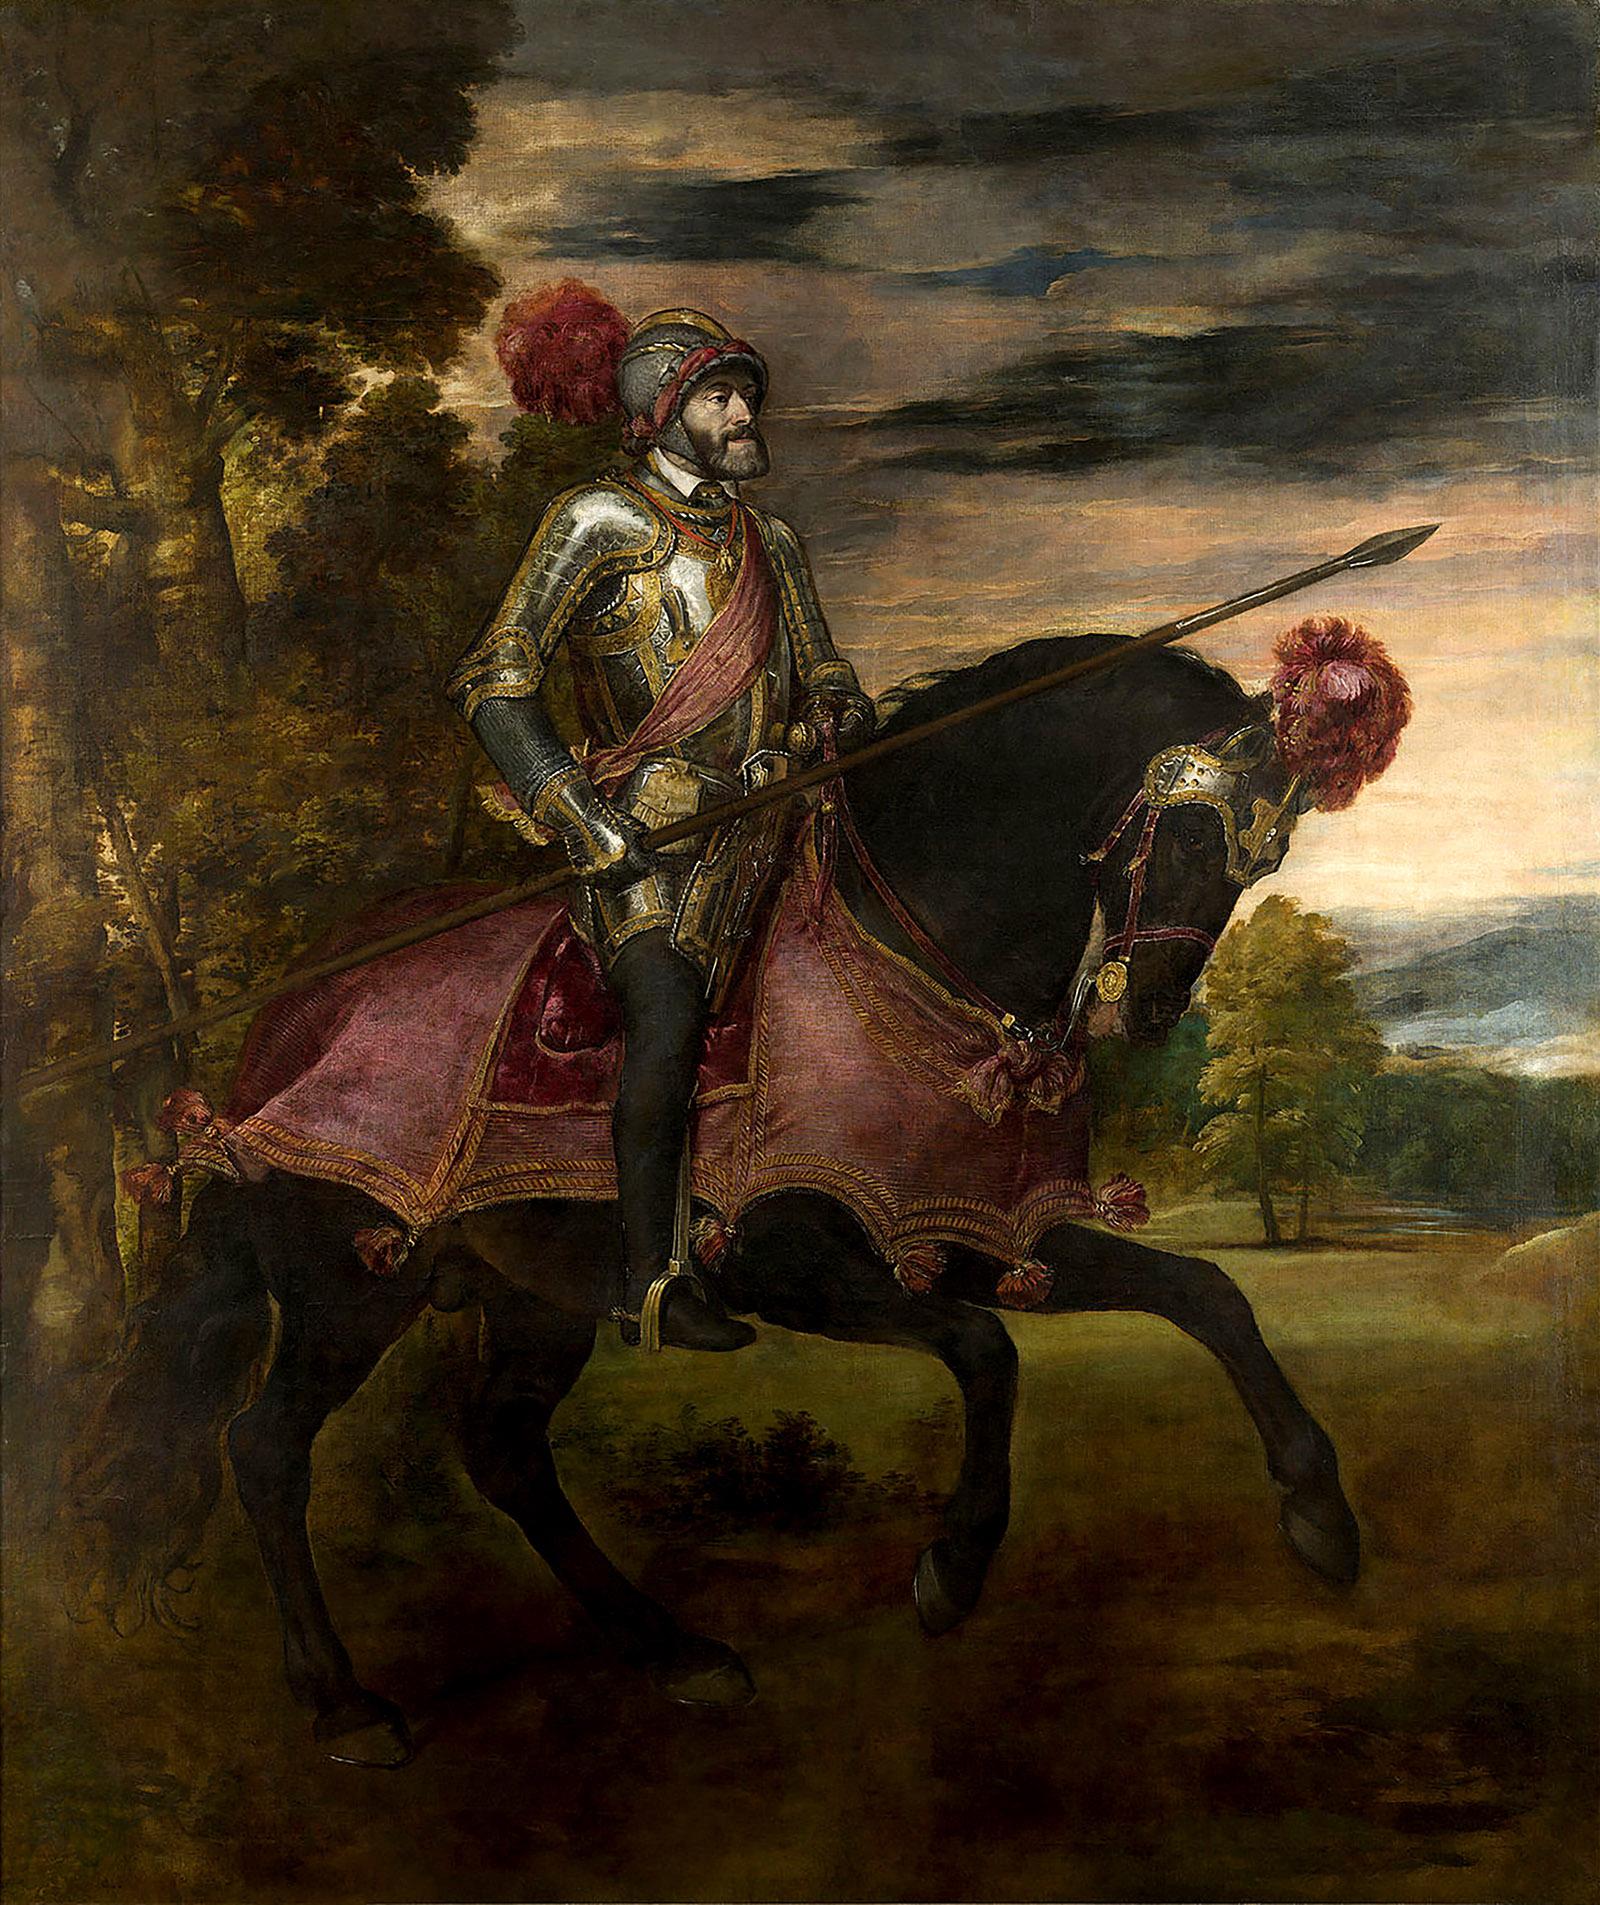 Emperor Charles V at Mühlberg